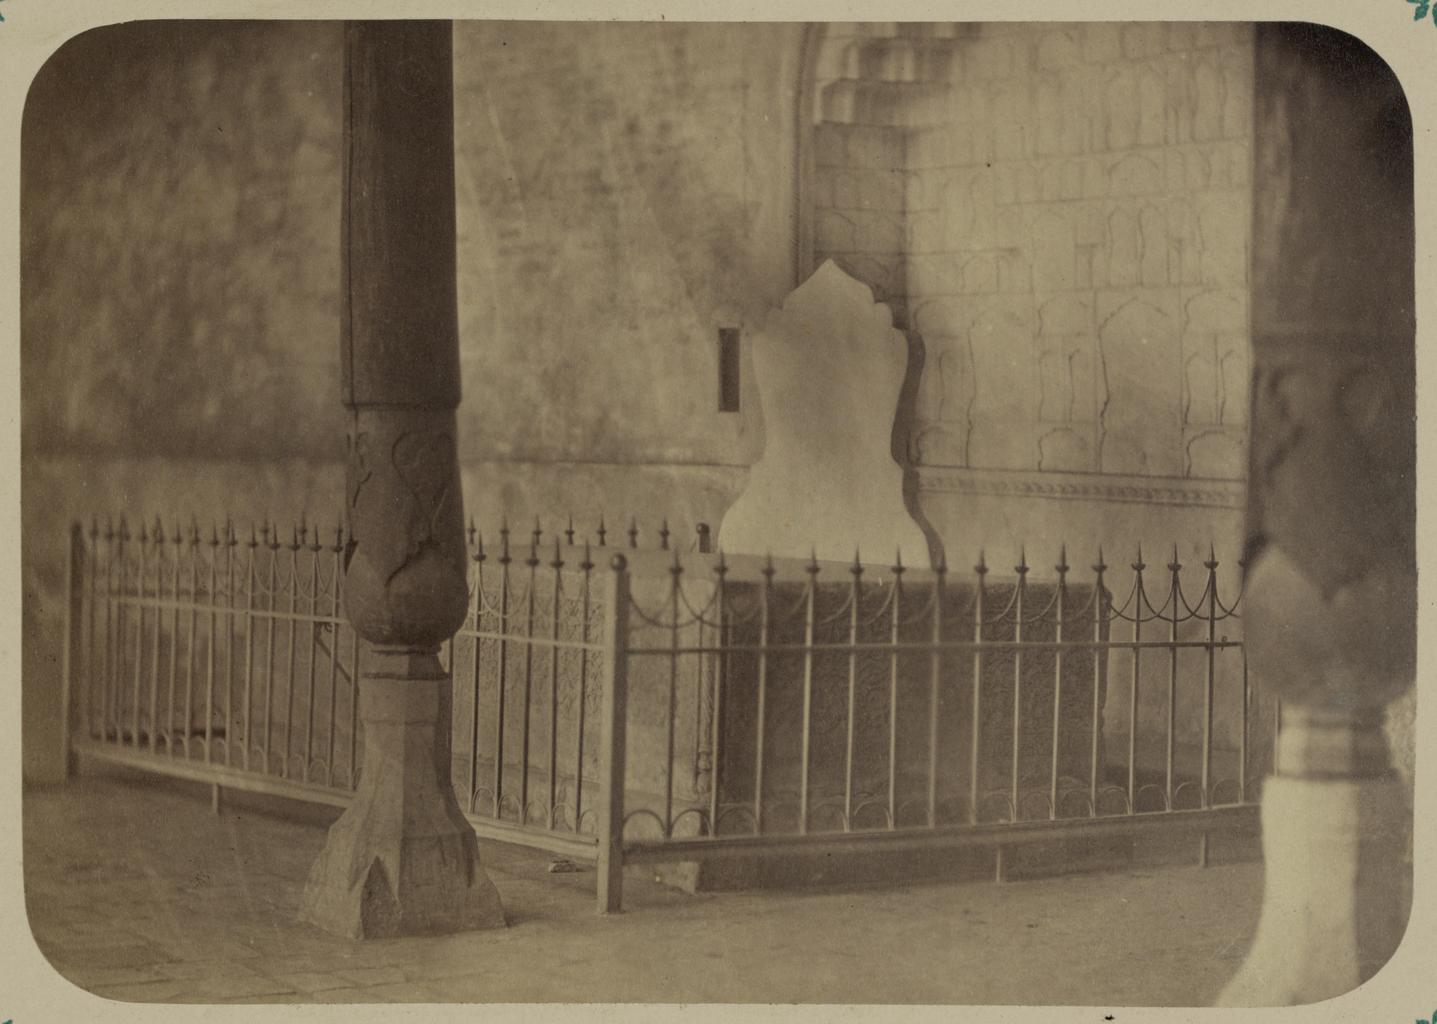 Дворец бухарских эмиров «Кок Таш». Трон эмиров Кок Таш в приемной зале